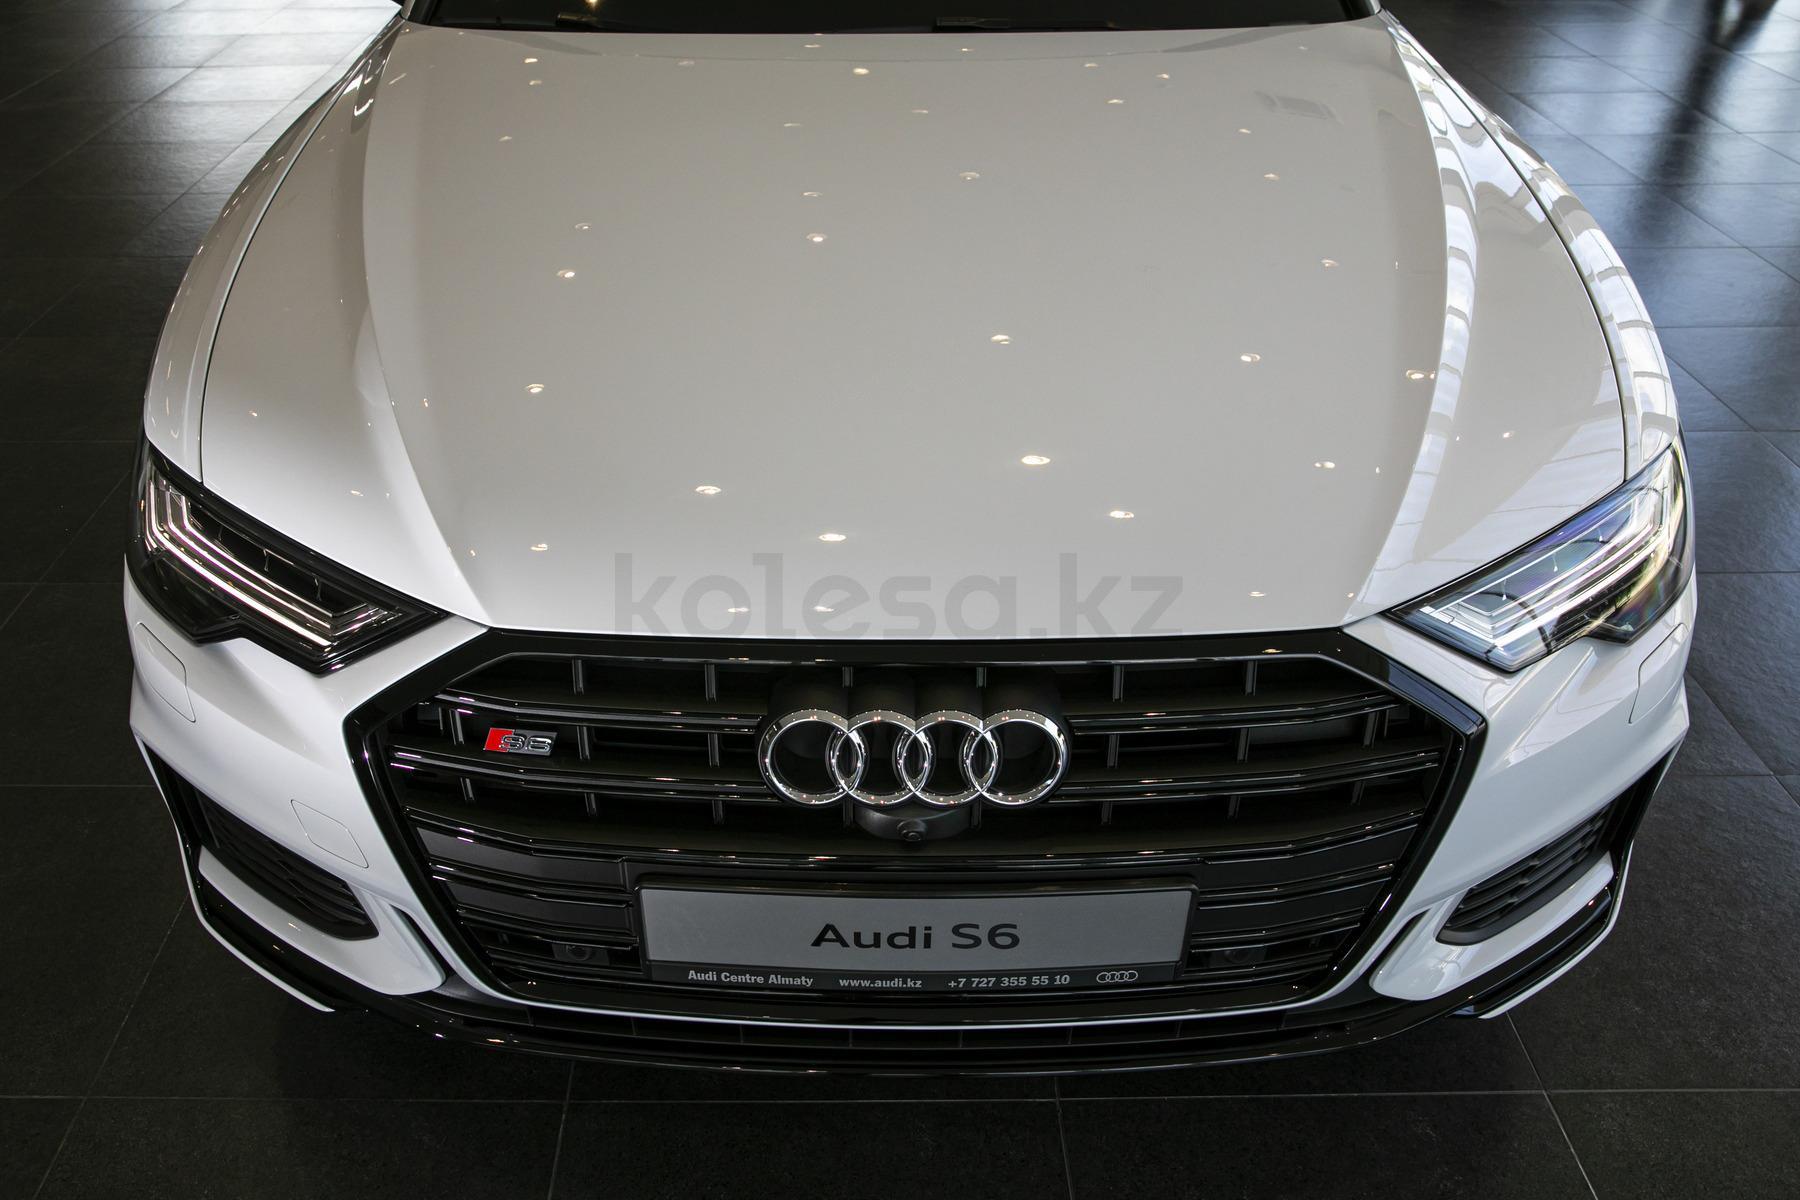 Audi S6 Е 2020 - н.в. года от 57 490 000 тенге